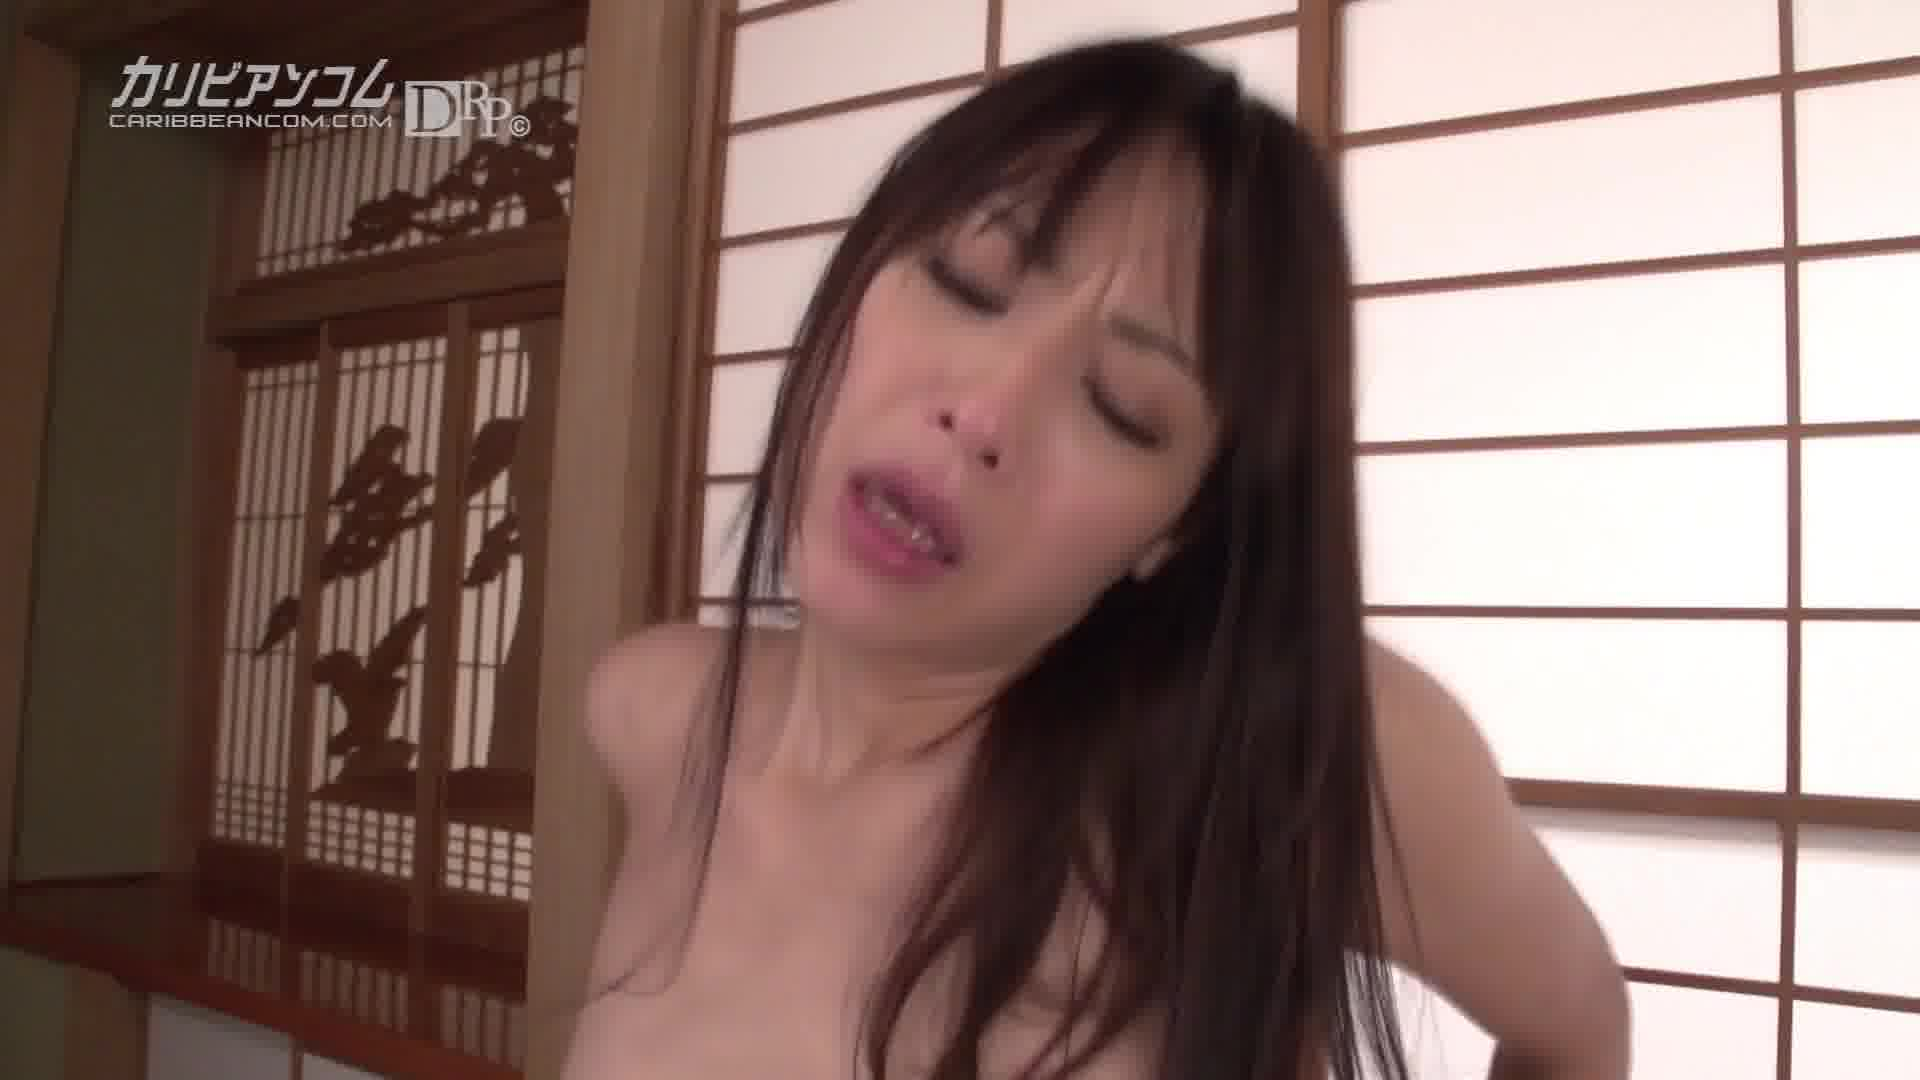 広瀬奈々美がぼくのお嫁さん - 広瀬奈々美【美乳・エプロン・初裏】